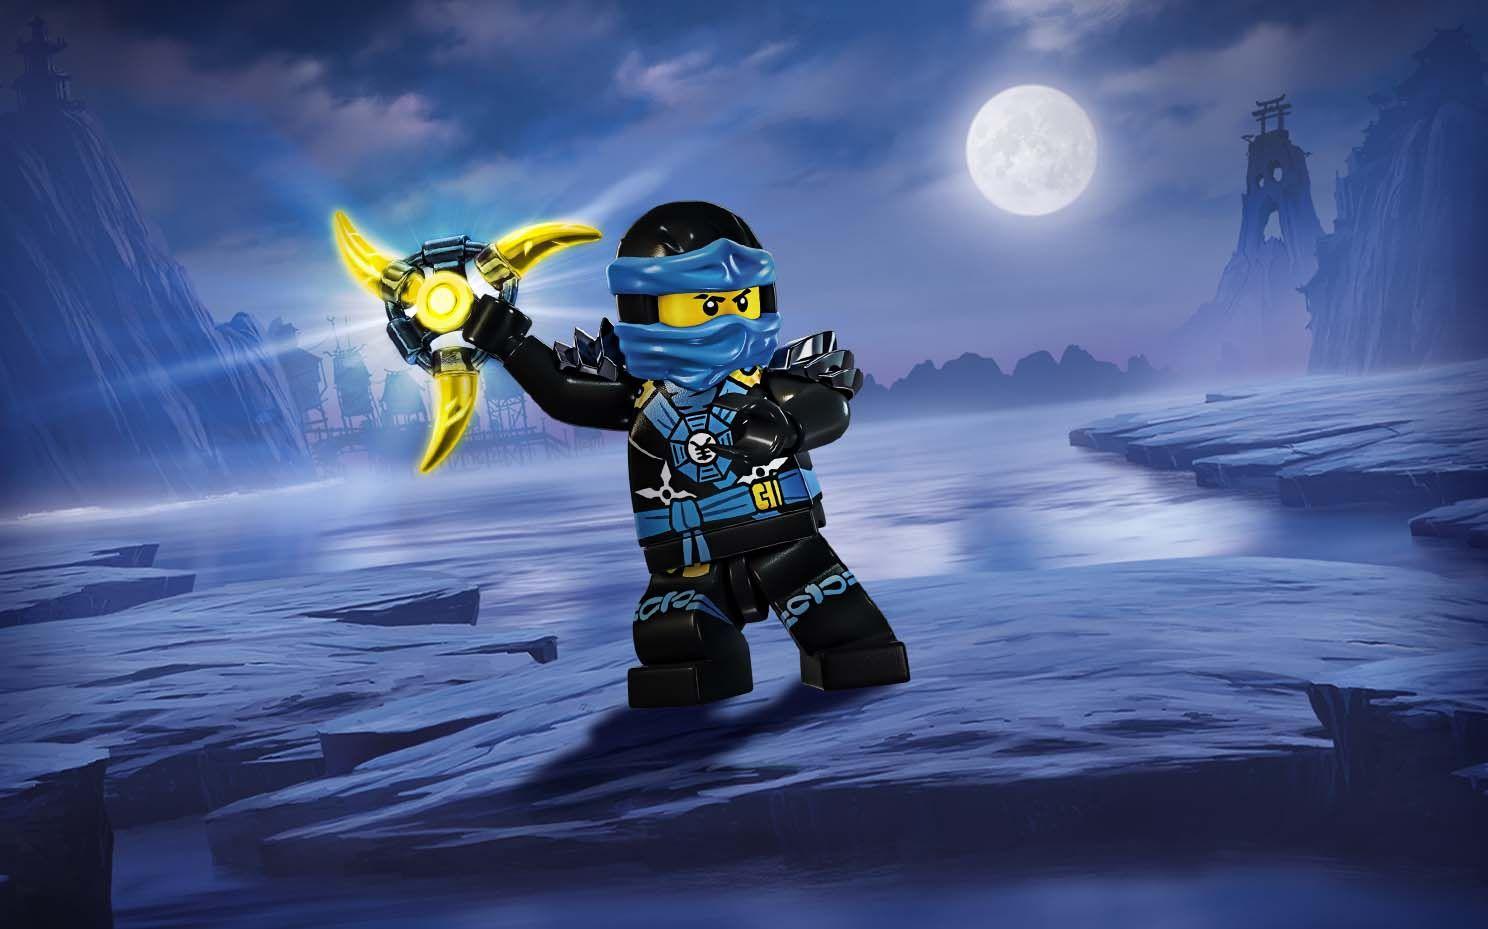 Jay personnages ninjago lego ninjago - Personnage ninjago lego ...